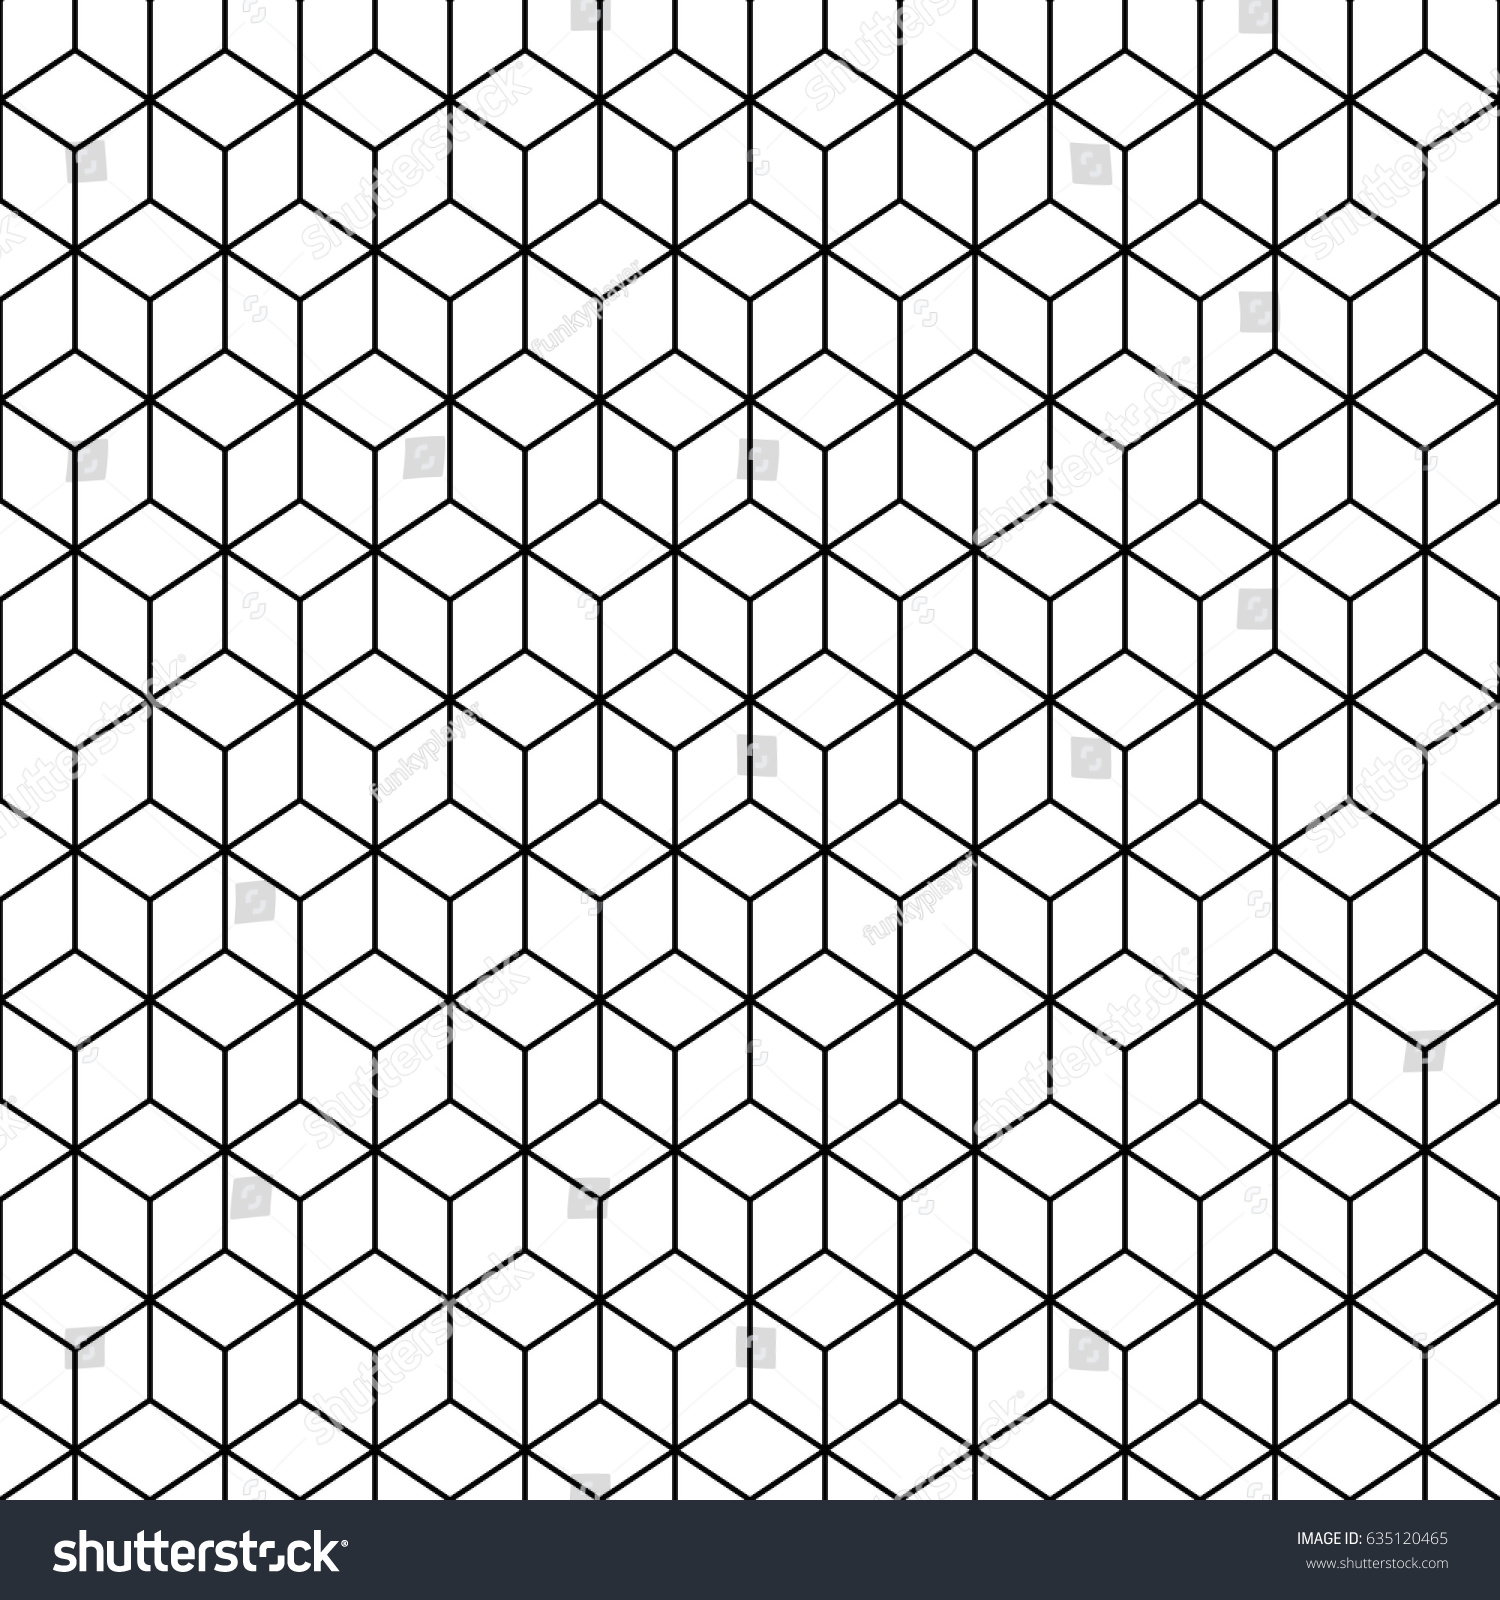 Repeated White Cubes Black Edges Background Image Vectorielle De